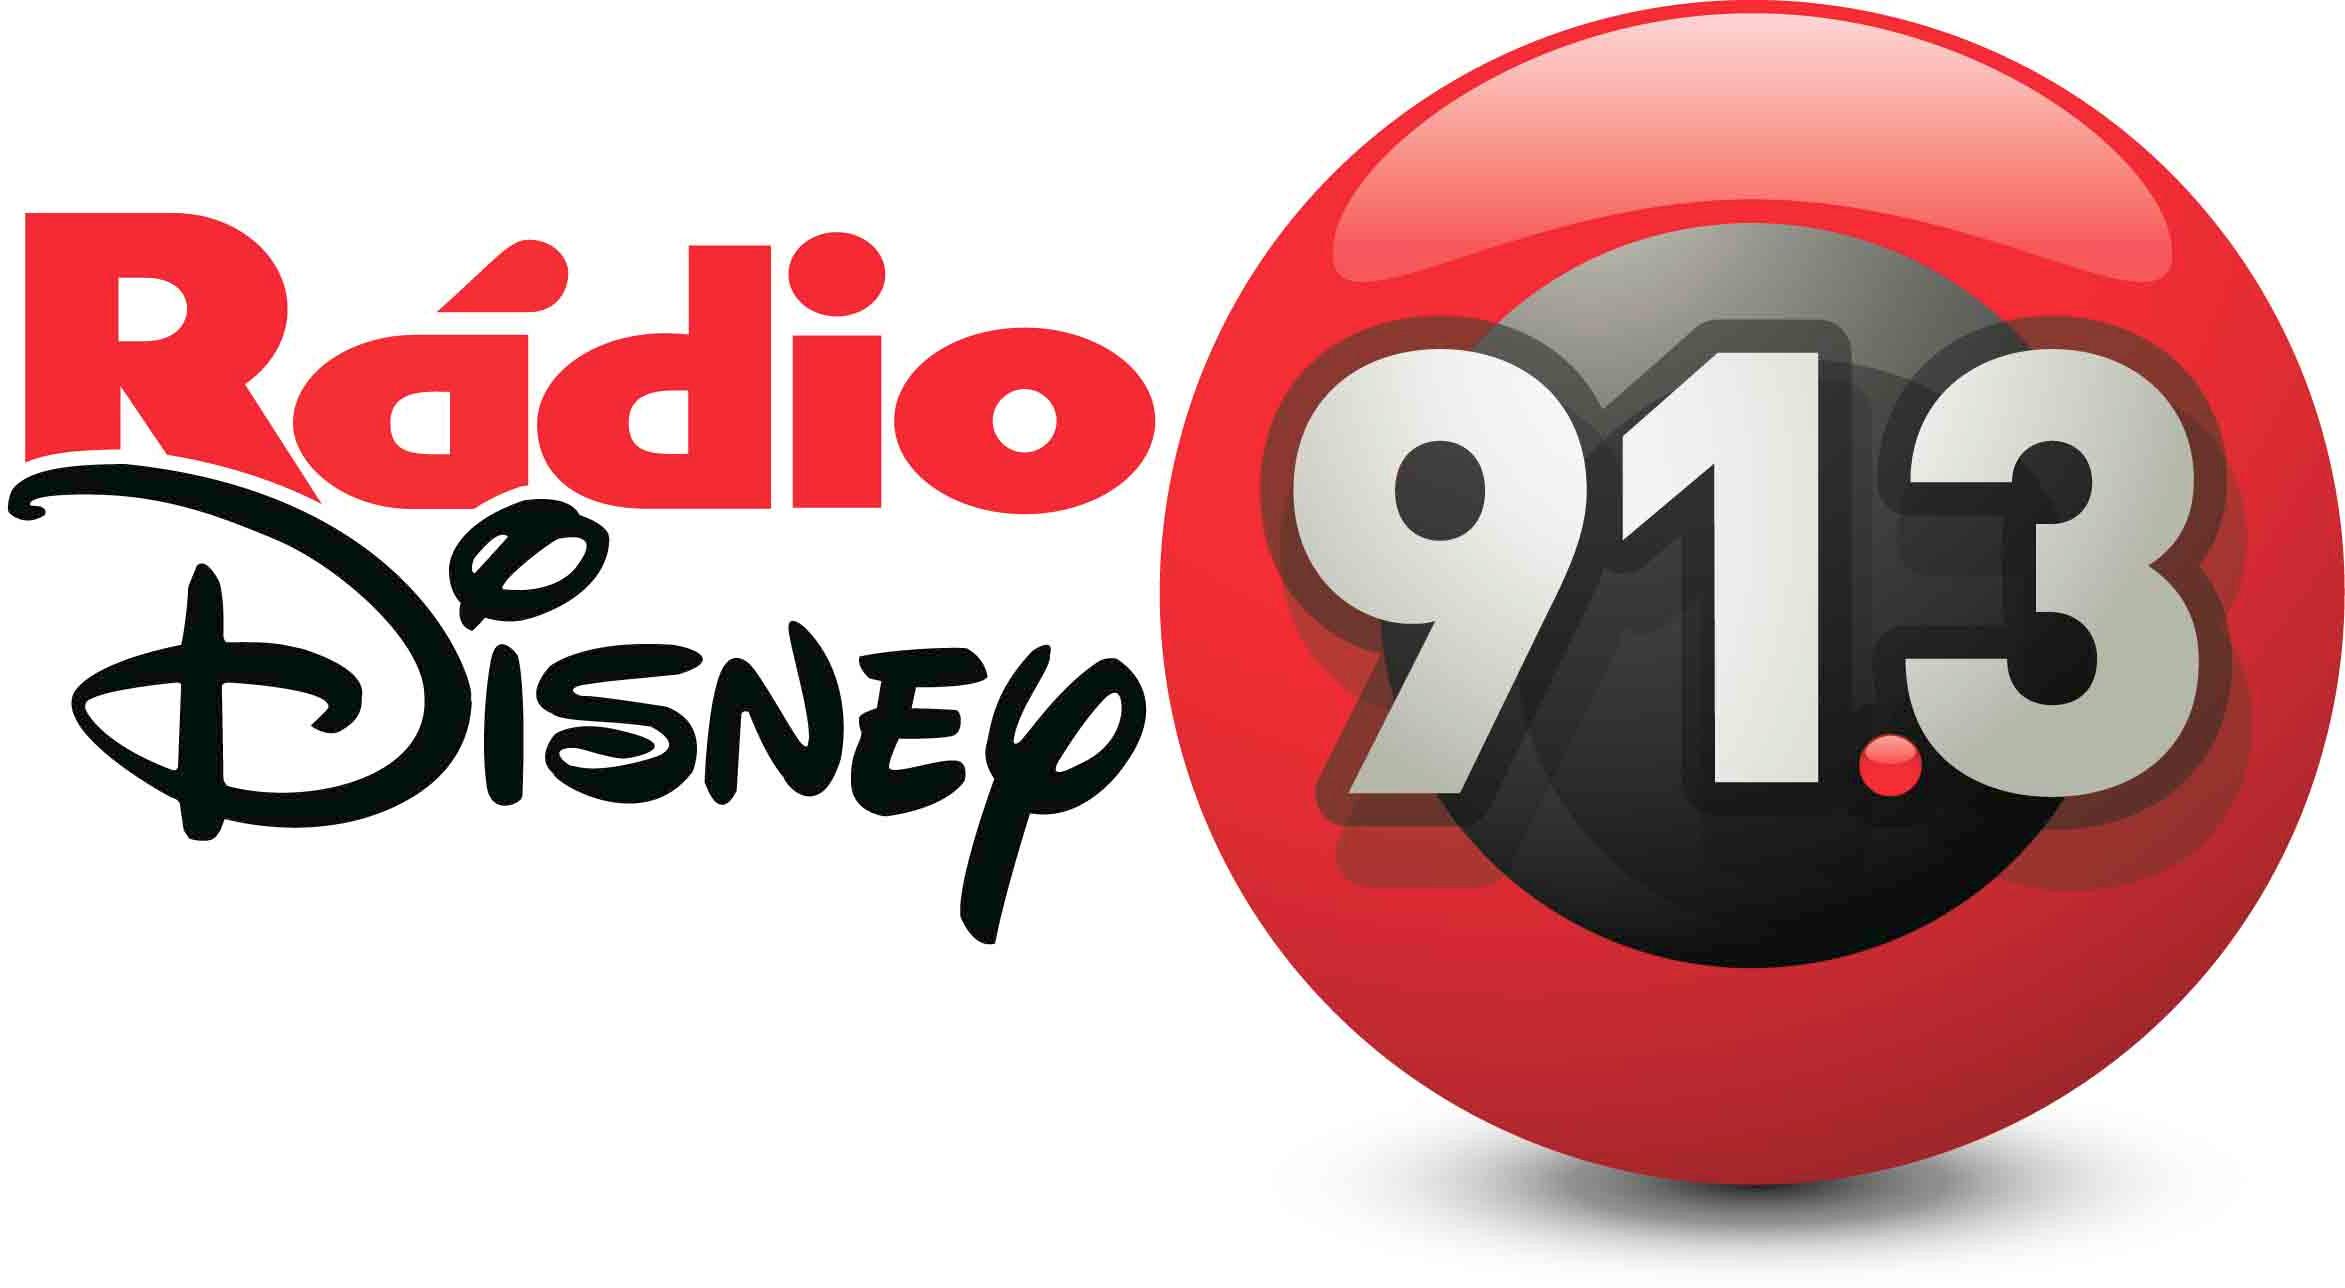 Rádio Disney Brasil